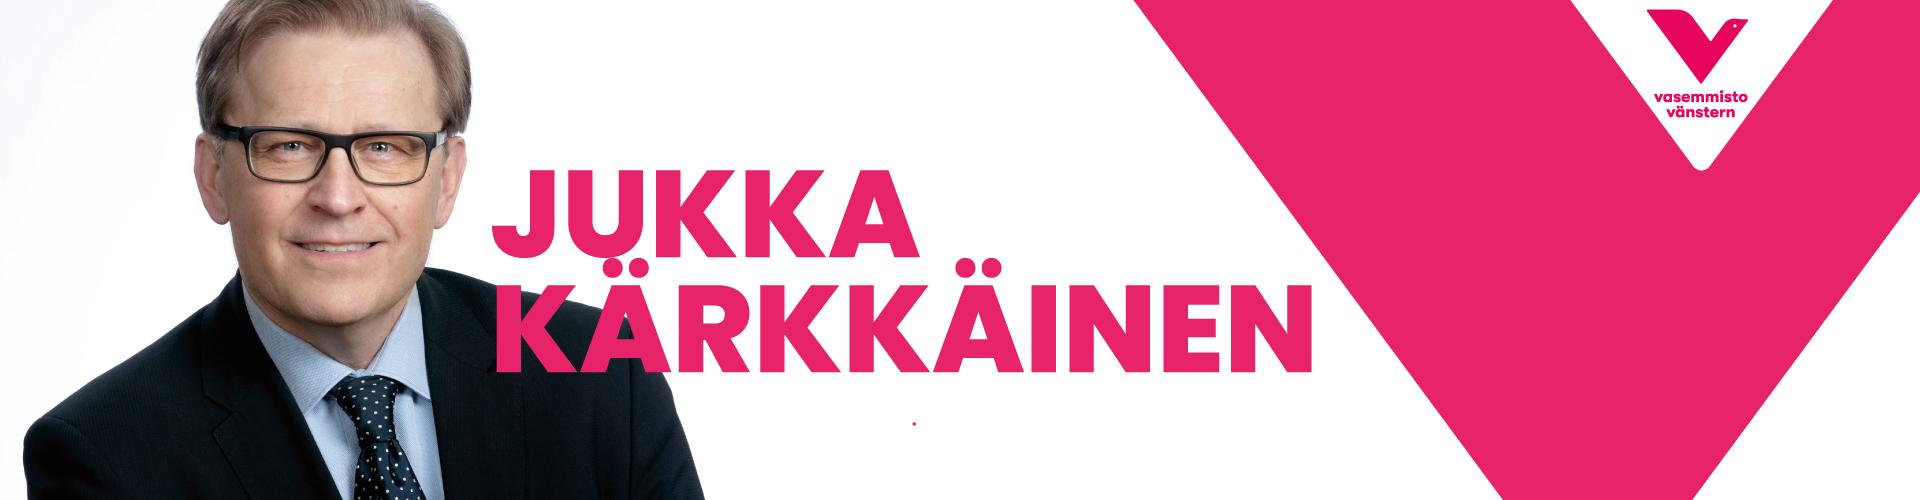 https://www.jukkakarkkainen.fi/wp-content/uploads/2021/05/banneri-jukka-vaali-vasemmisto.jpg